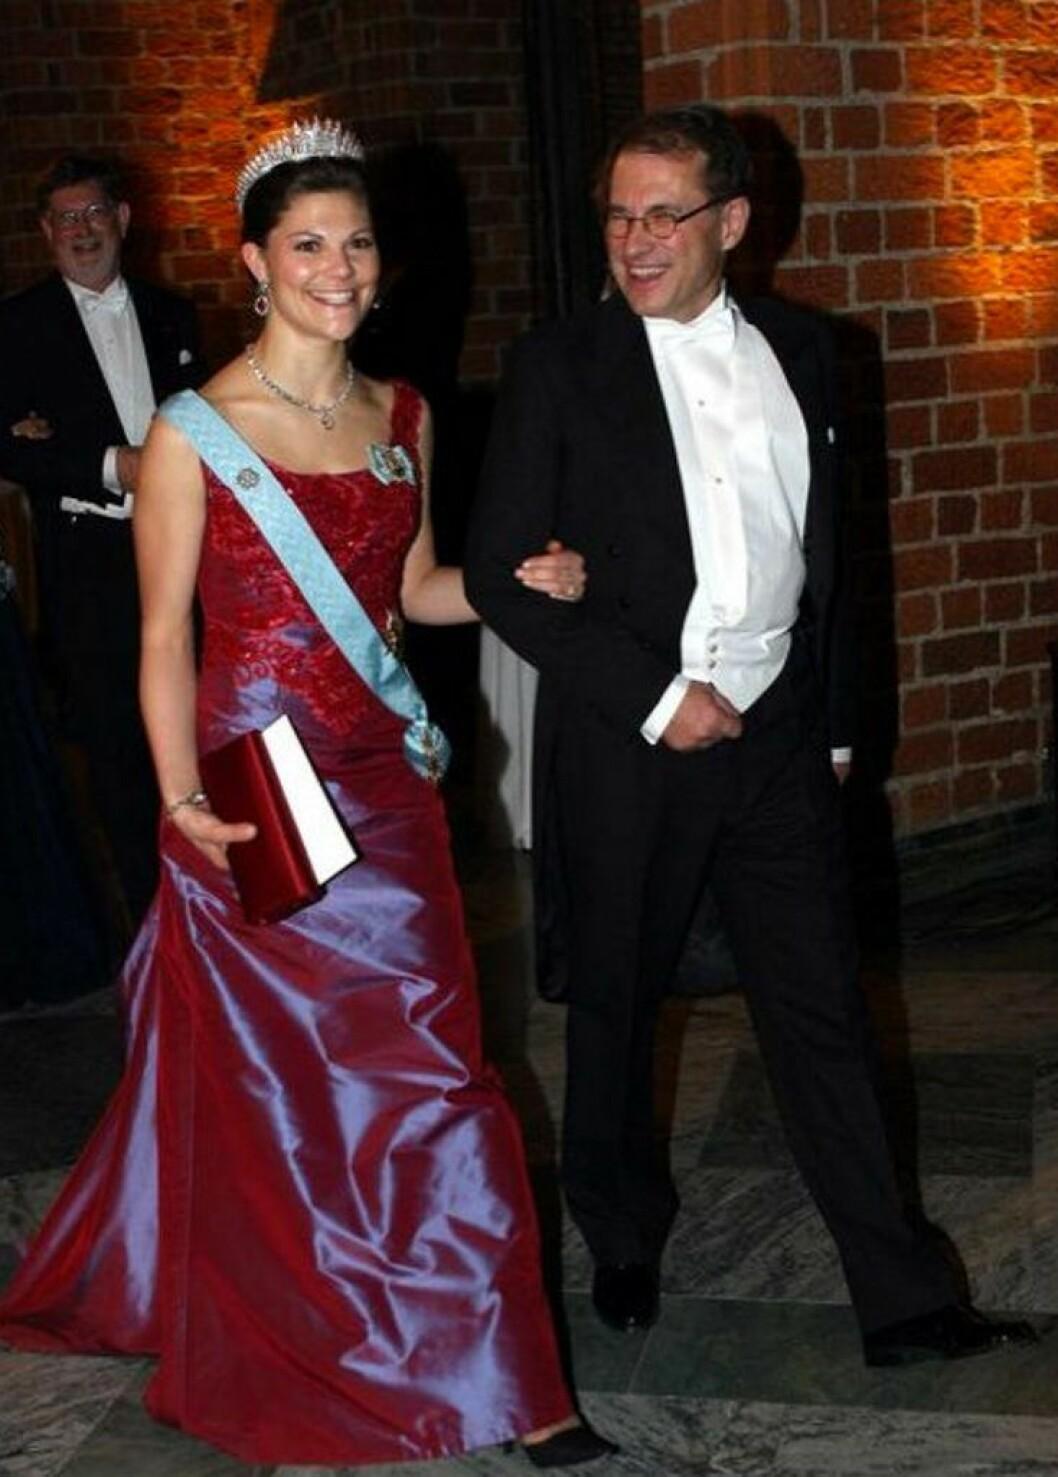 Kronprinsessan Victoria i en röd långklänning.